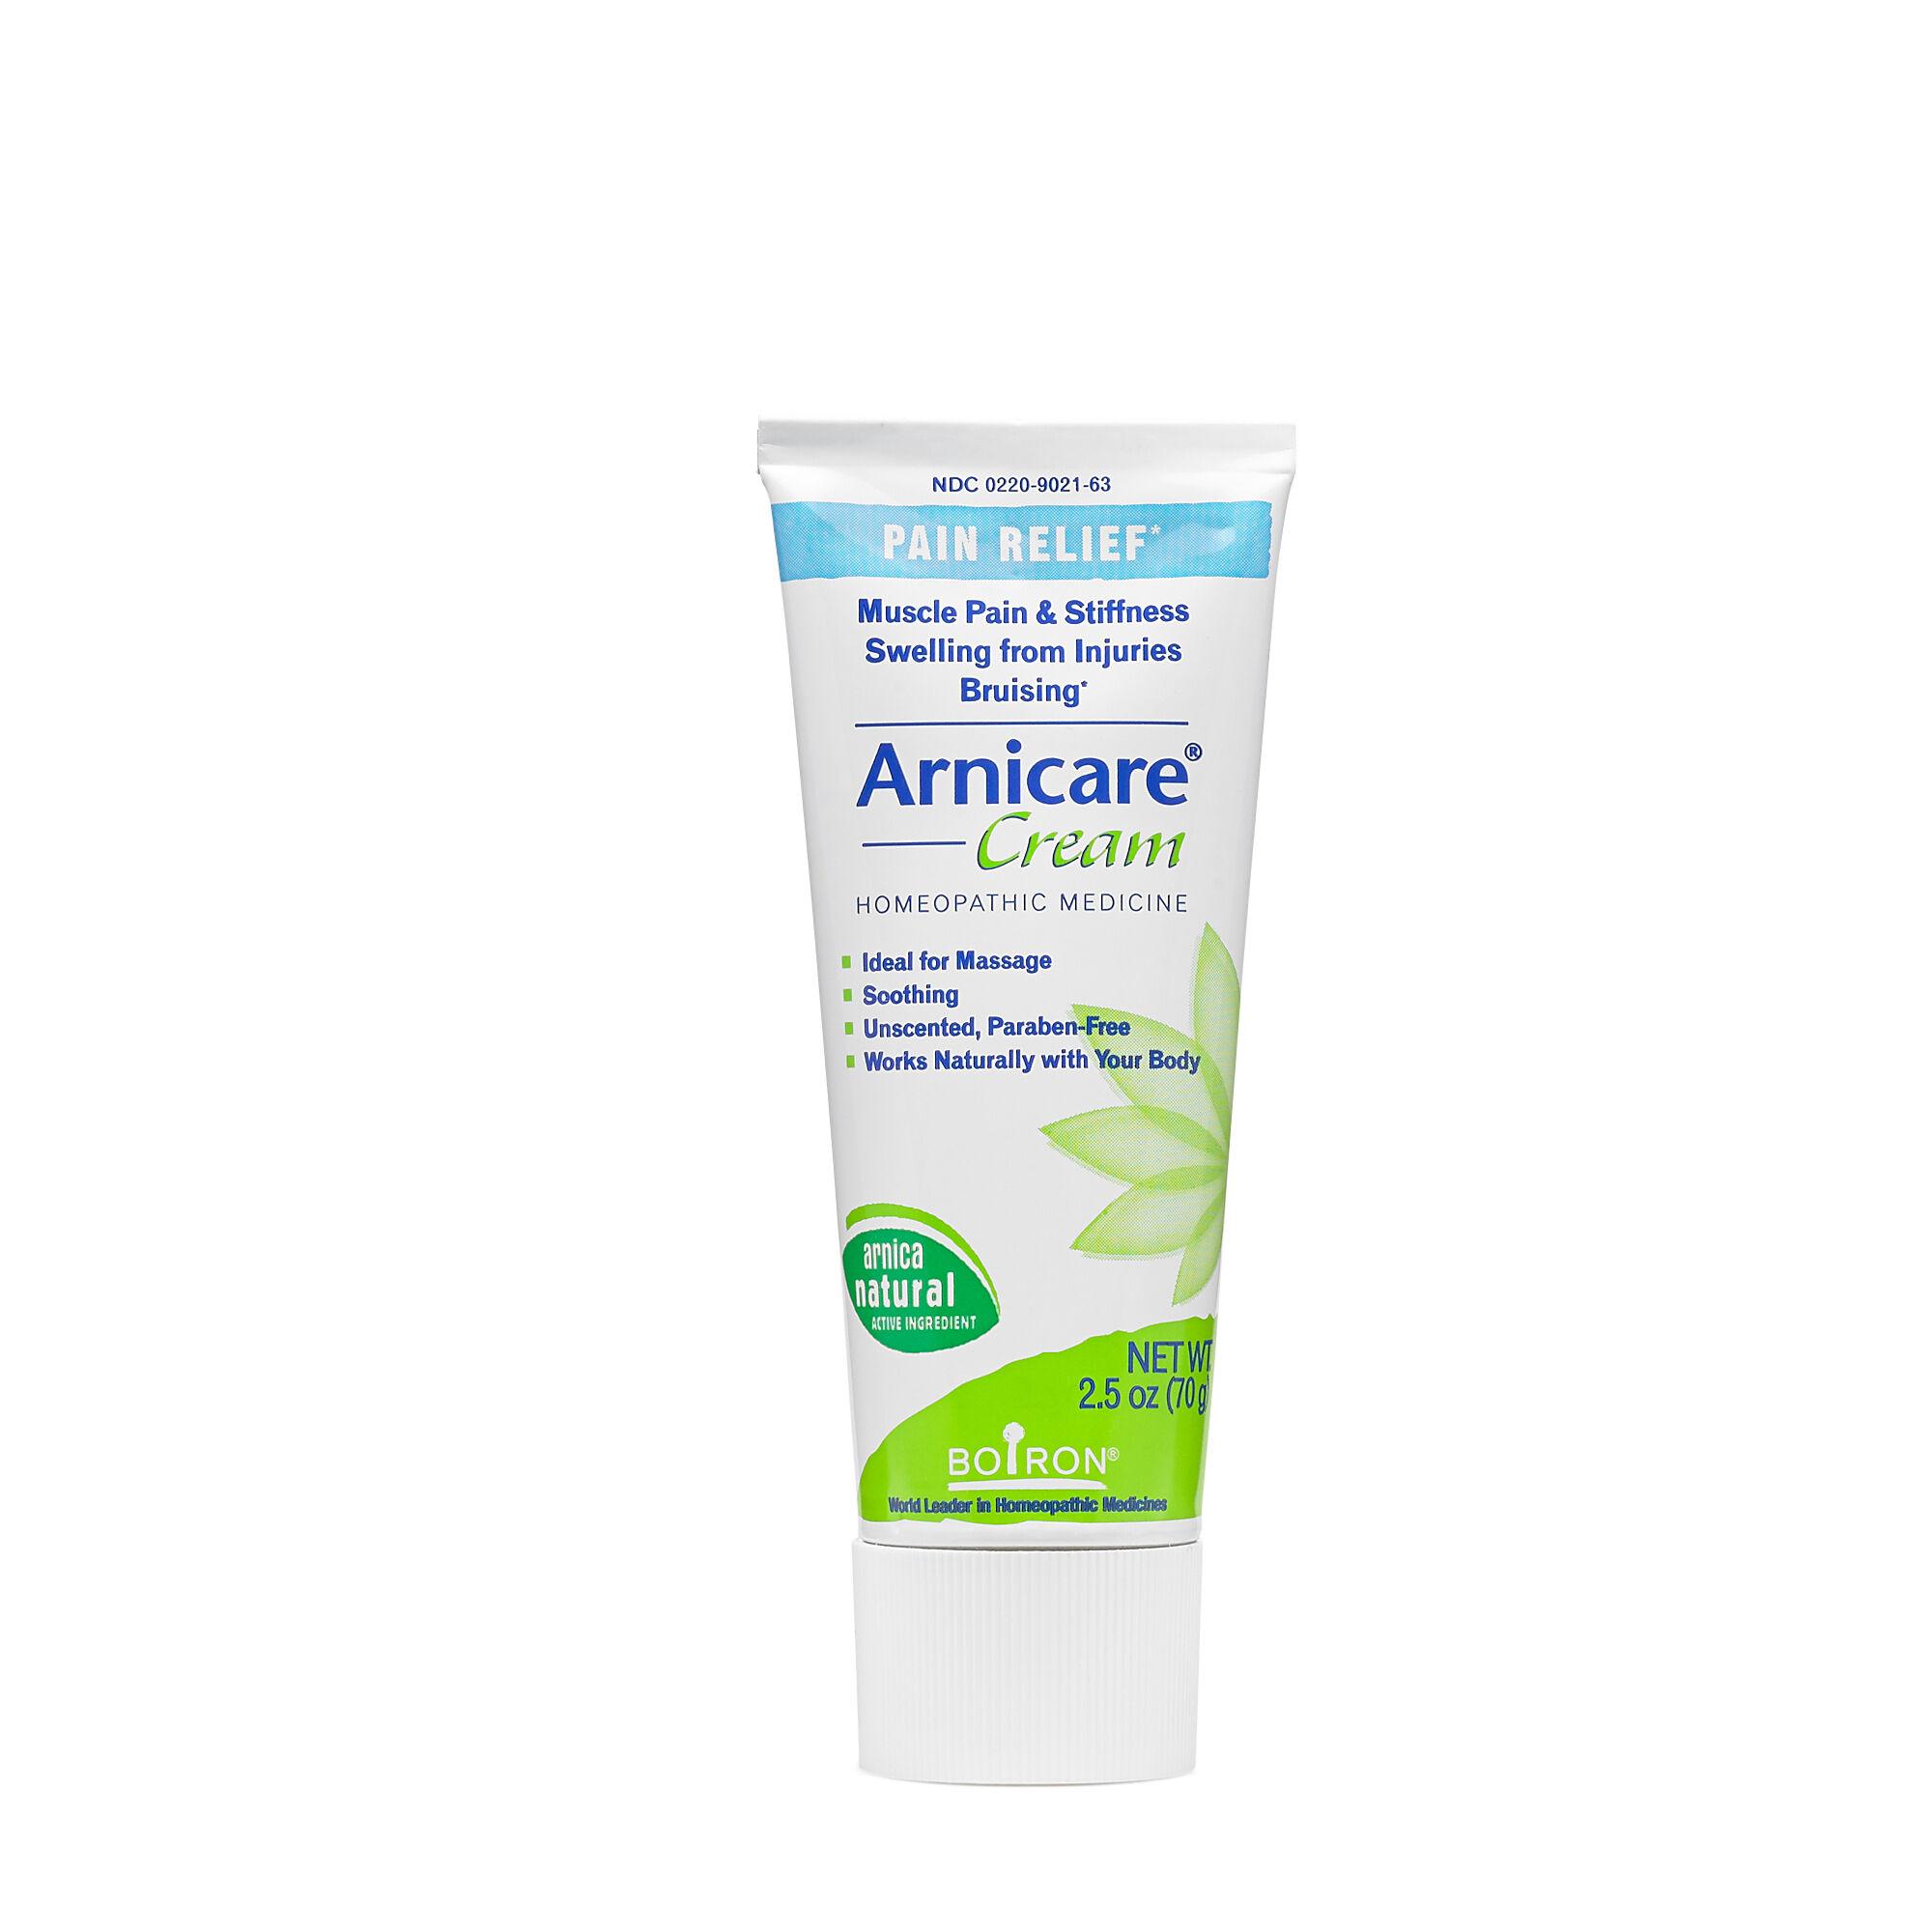 Boiron® Arnicare Cream